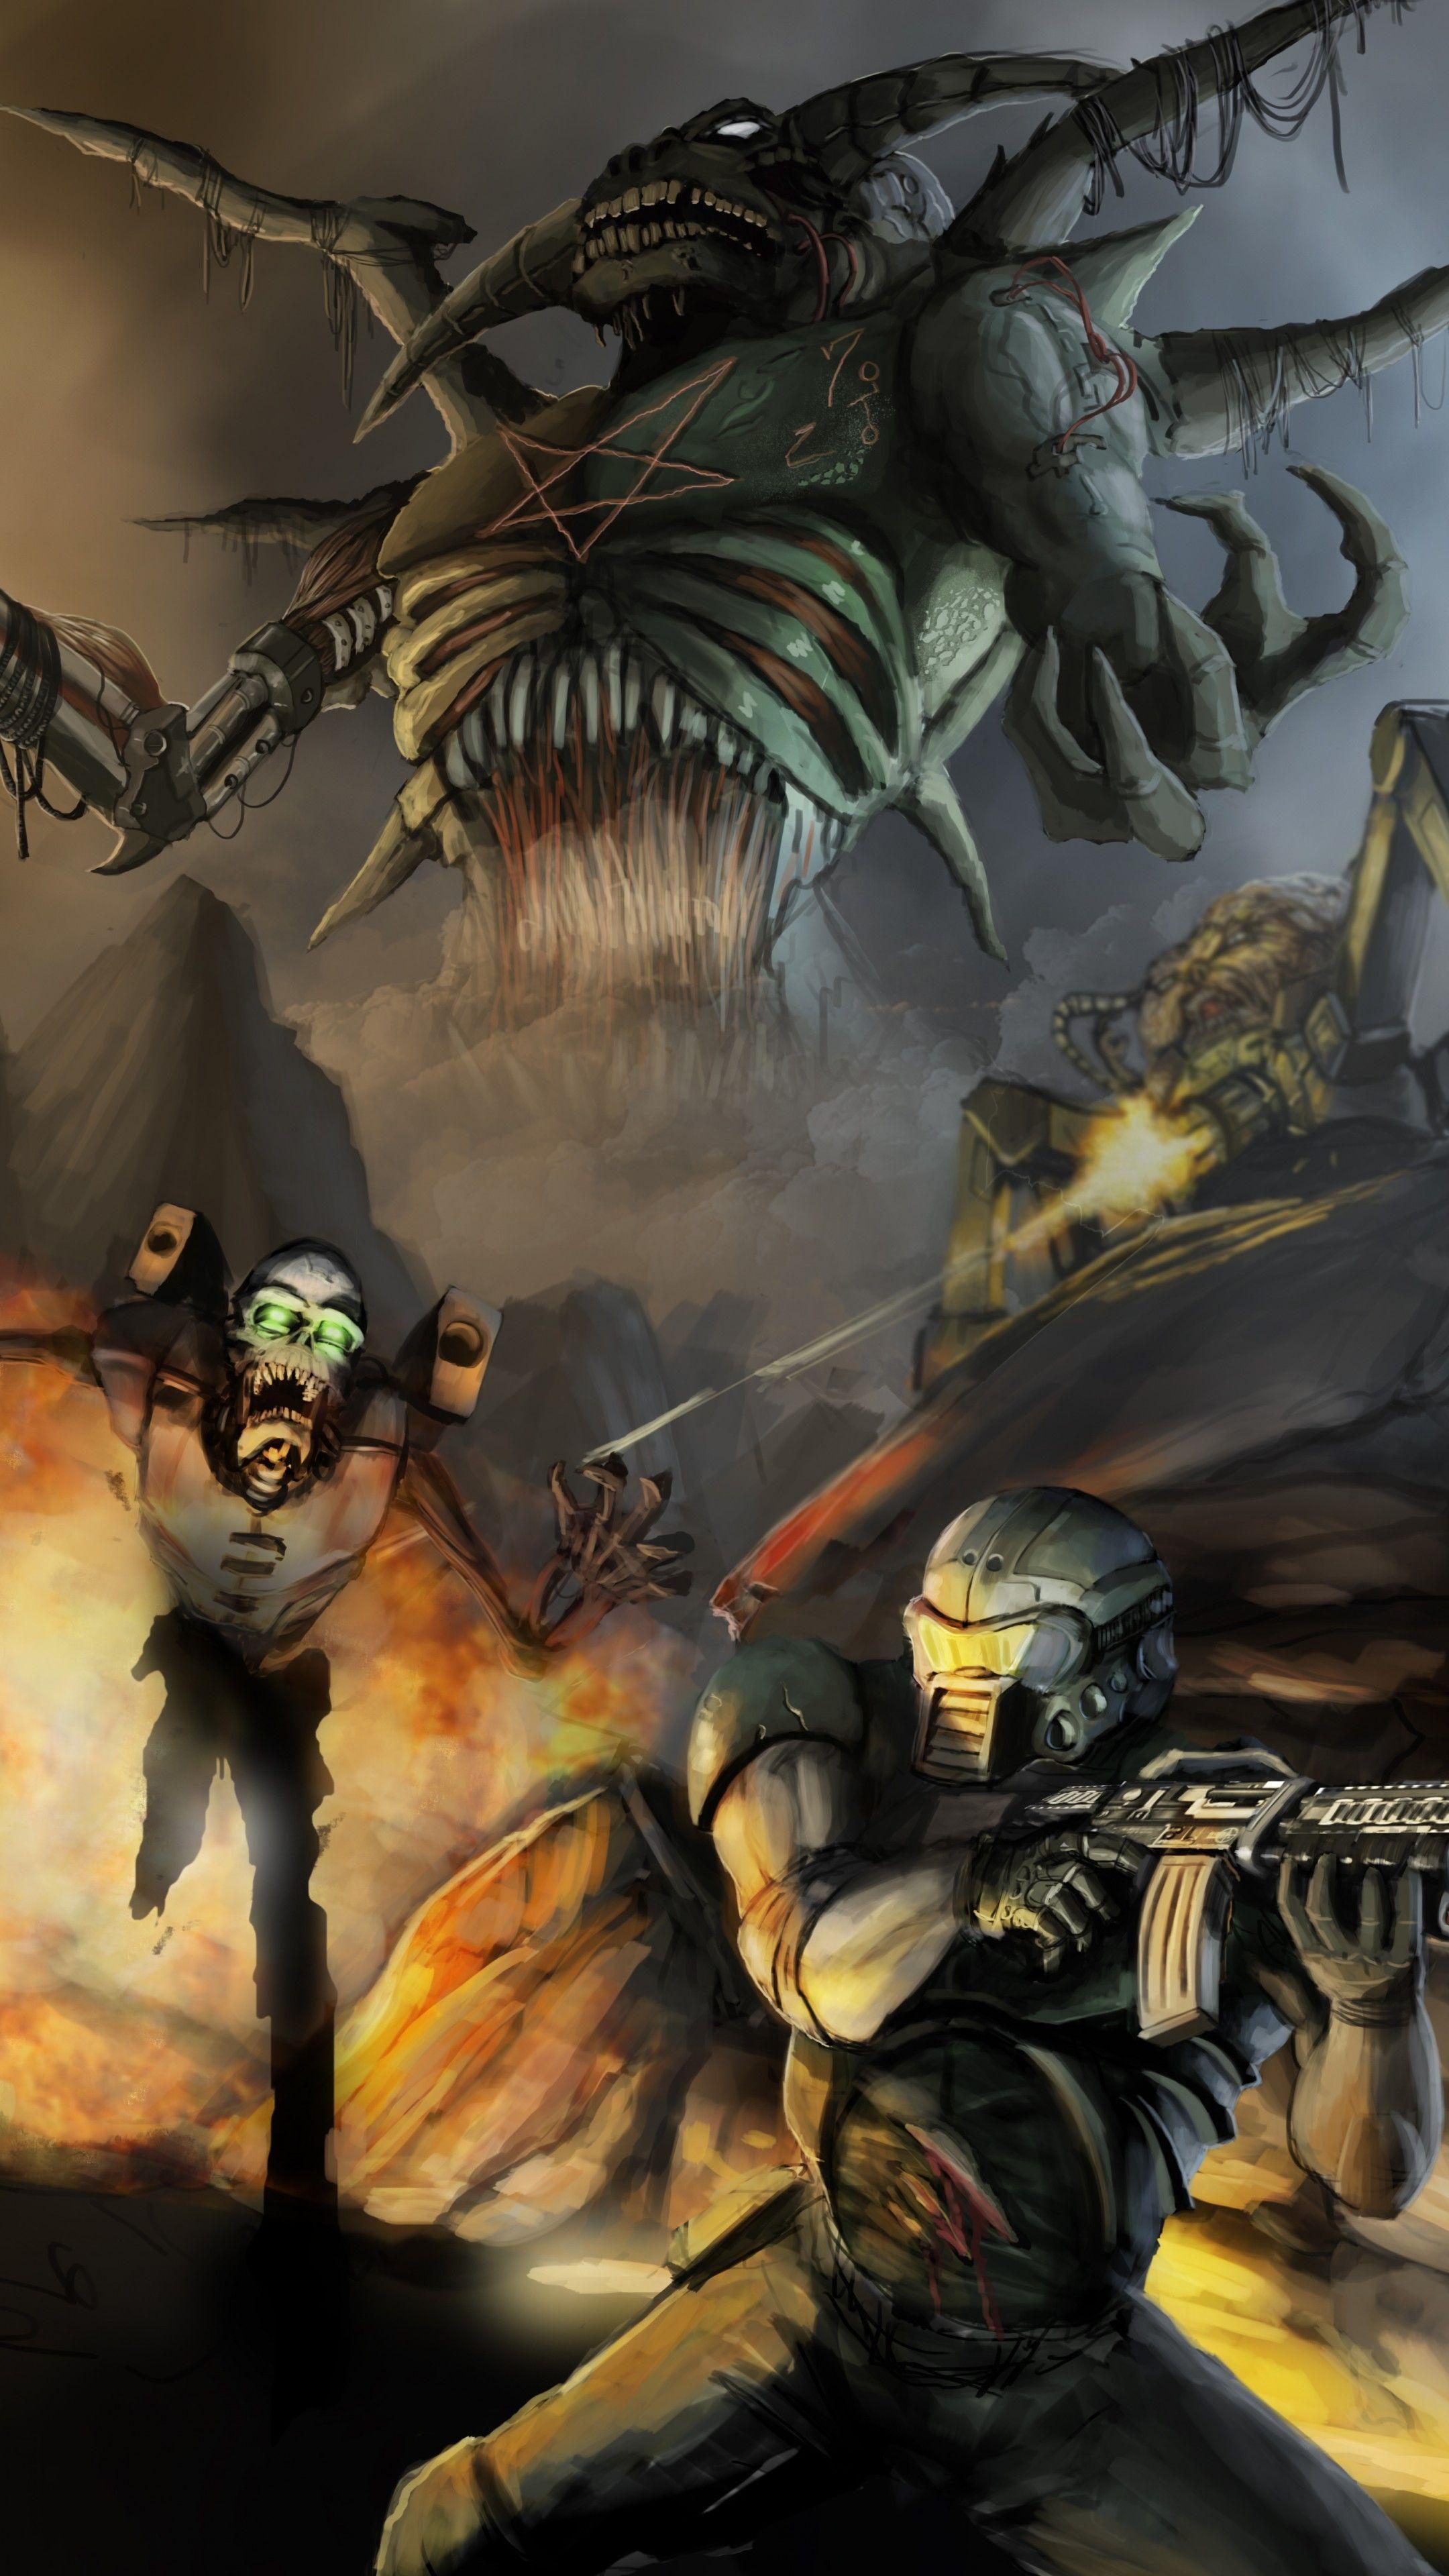 Doom Phone Wallpapers - Top Free Doom Phone Backgrounds